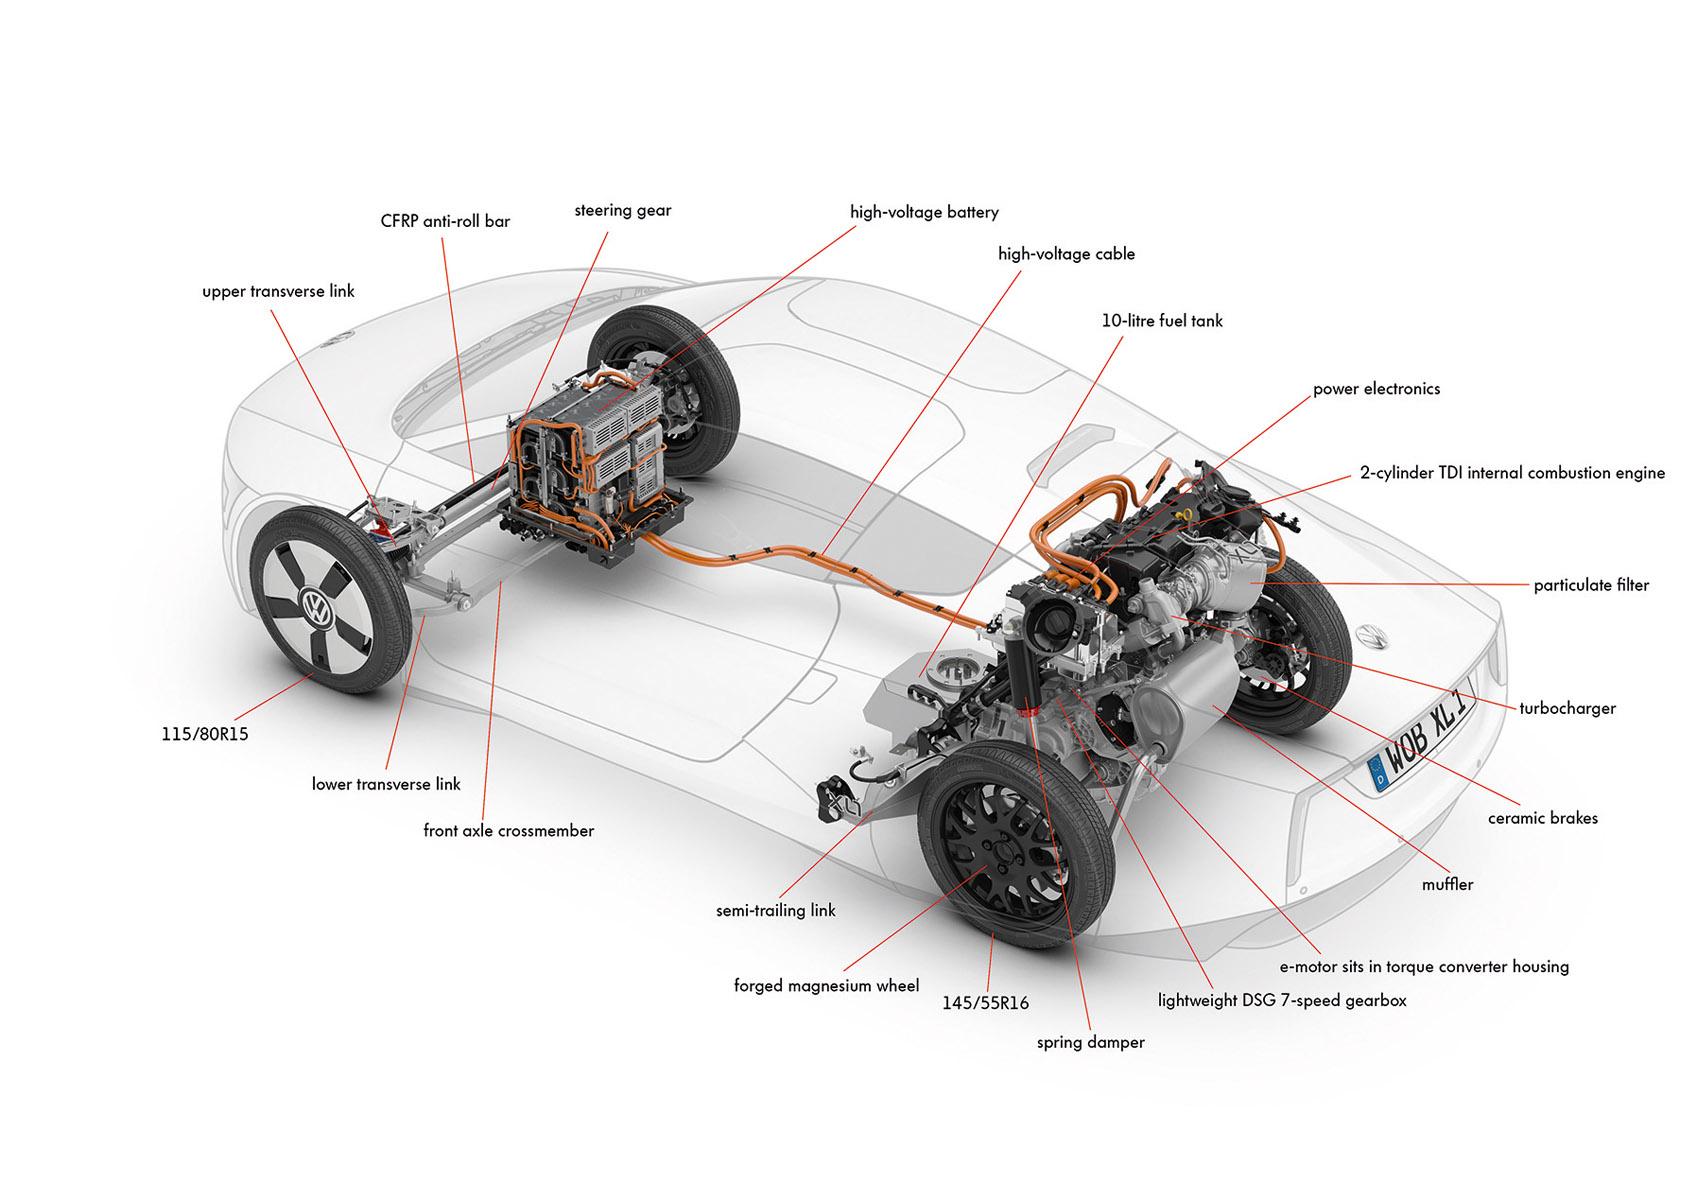 Volkswagen XL1 Drivetrain Diagram - | EuroCar News